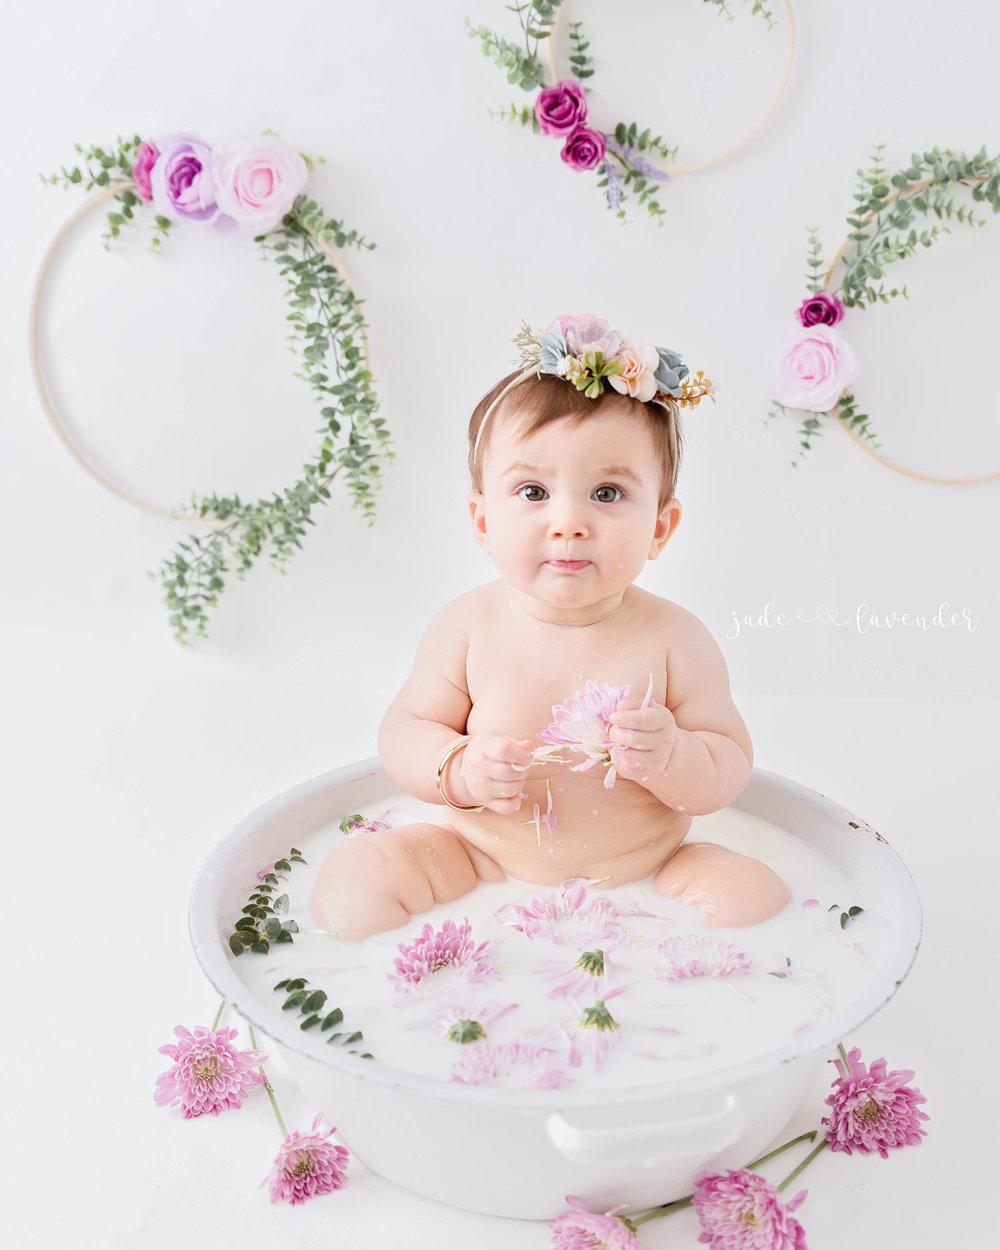 milestone-photos-milk-bath-session-infant-photography-baby-images-spokane-washington.jpg